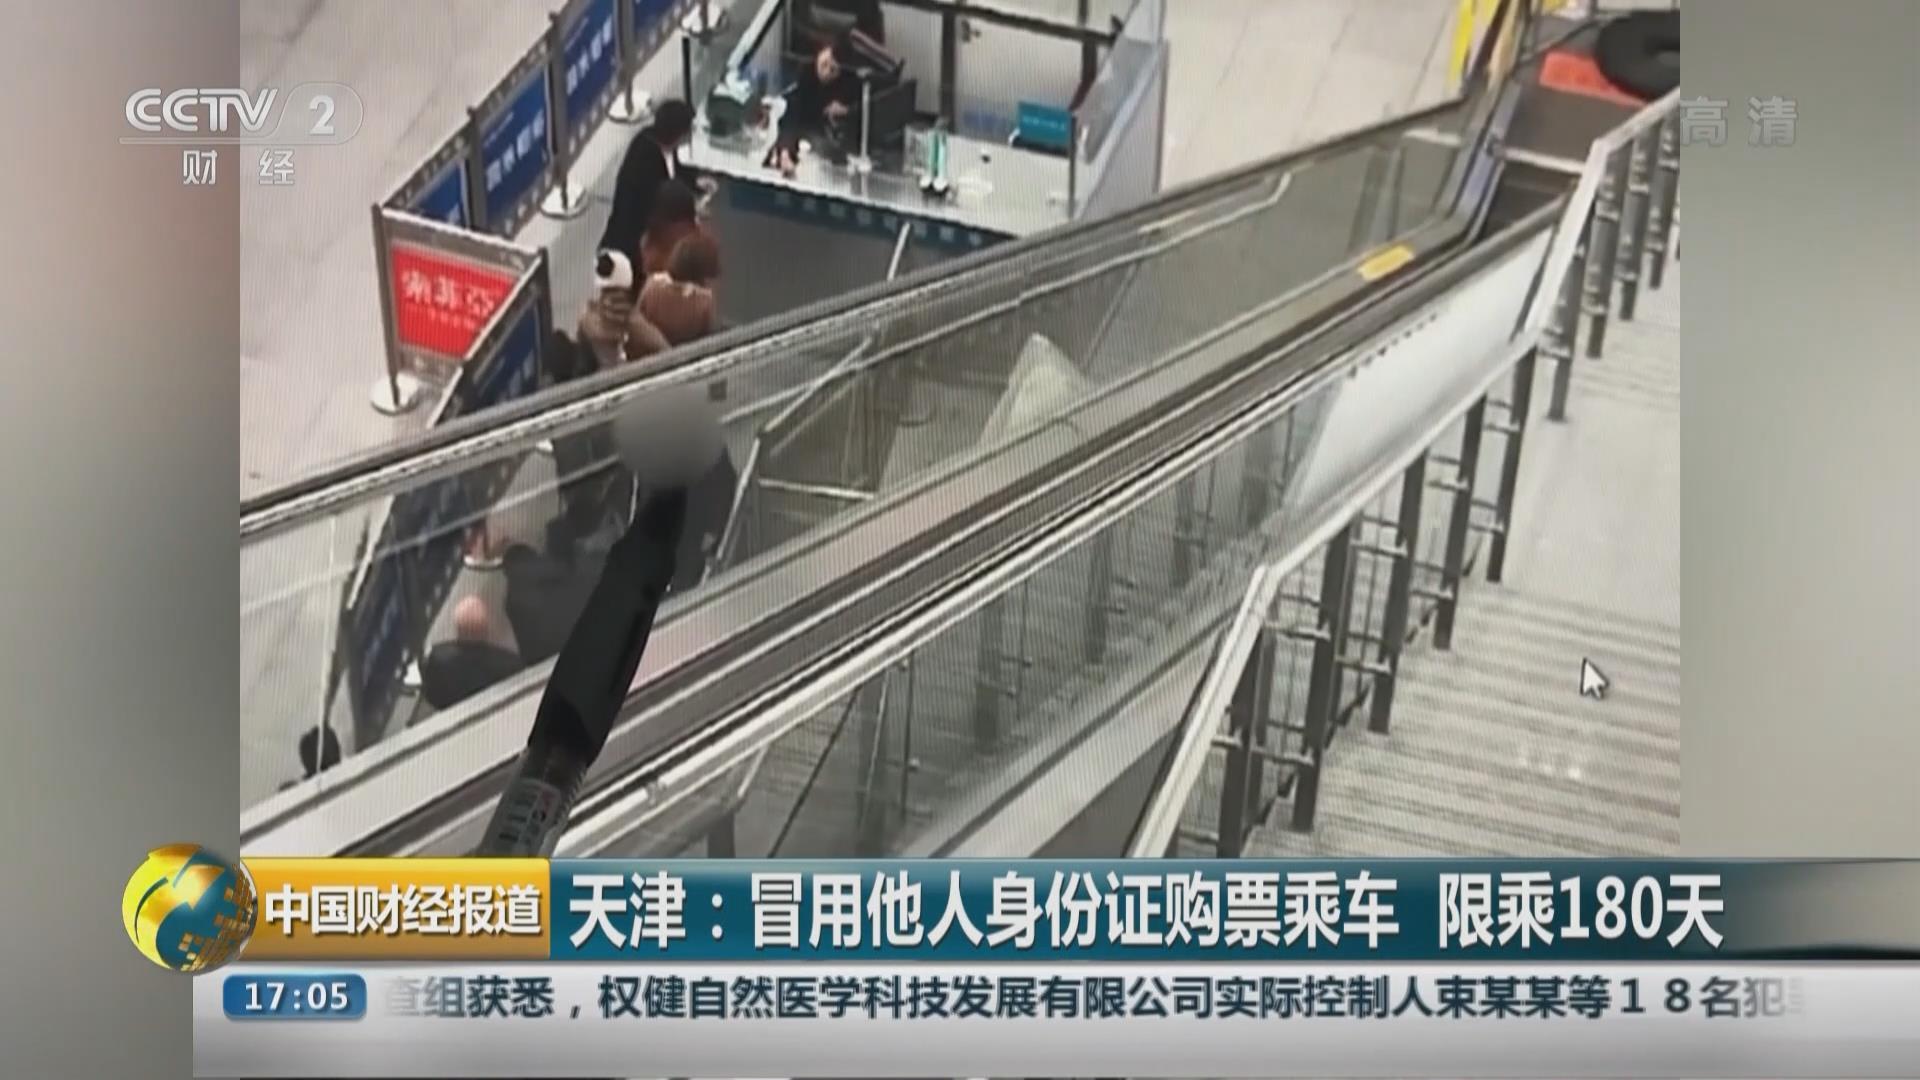 天津:冒用他人身份證購票乘車 限乘180天